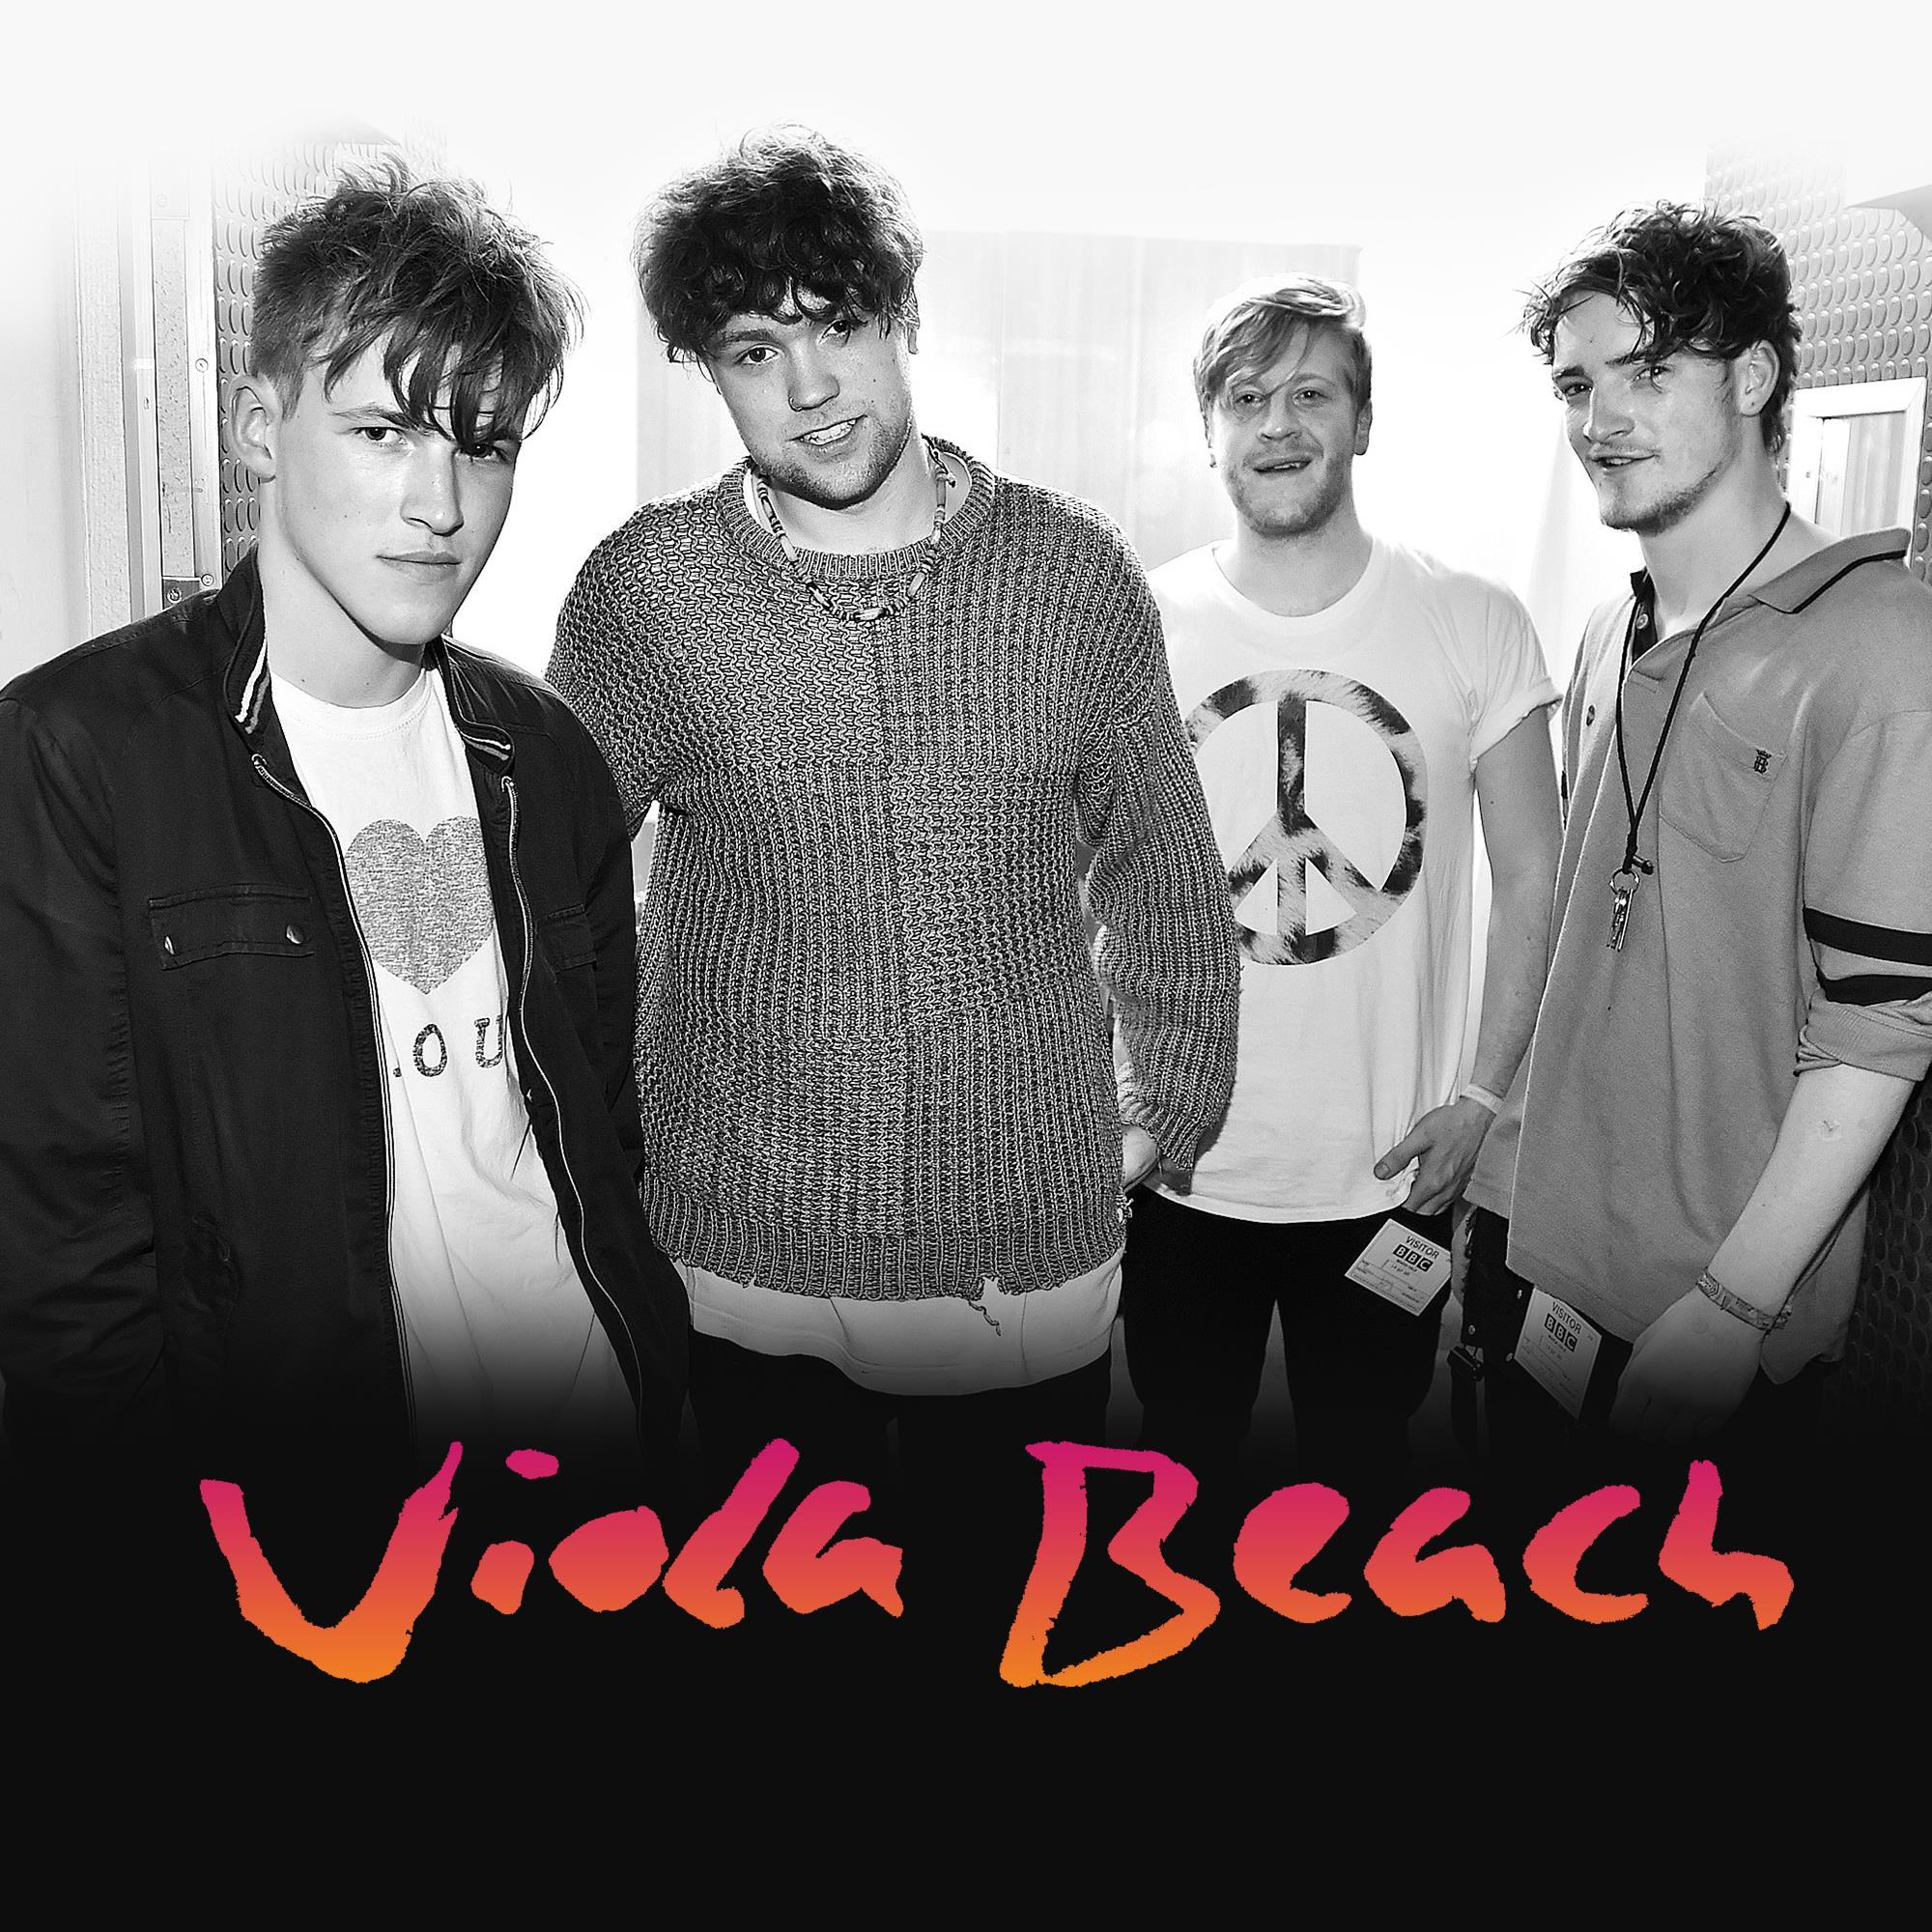 57a032bb98136b512c3d92a8_Viola Beach「Viola Beach」